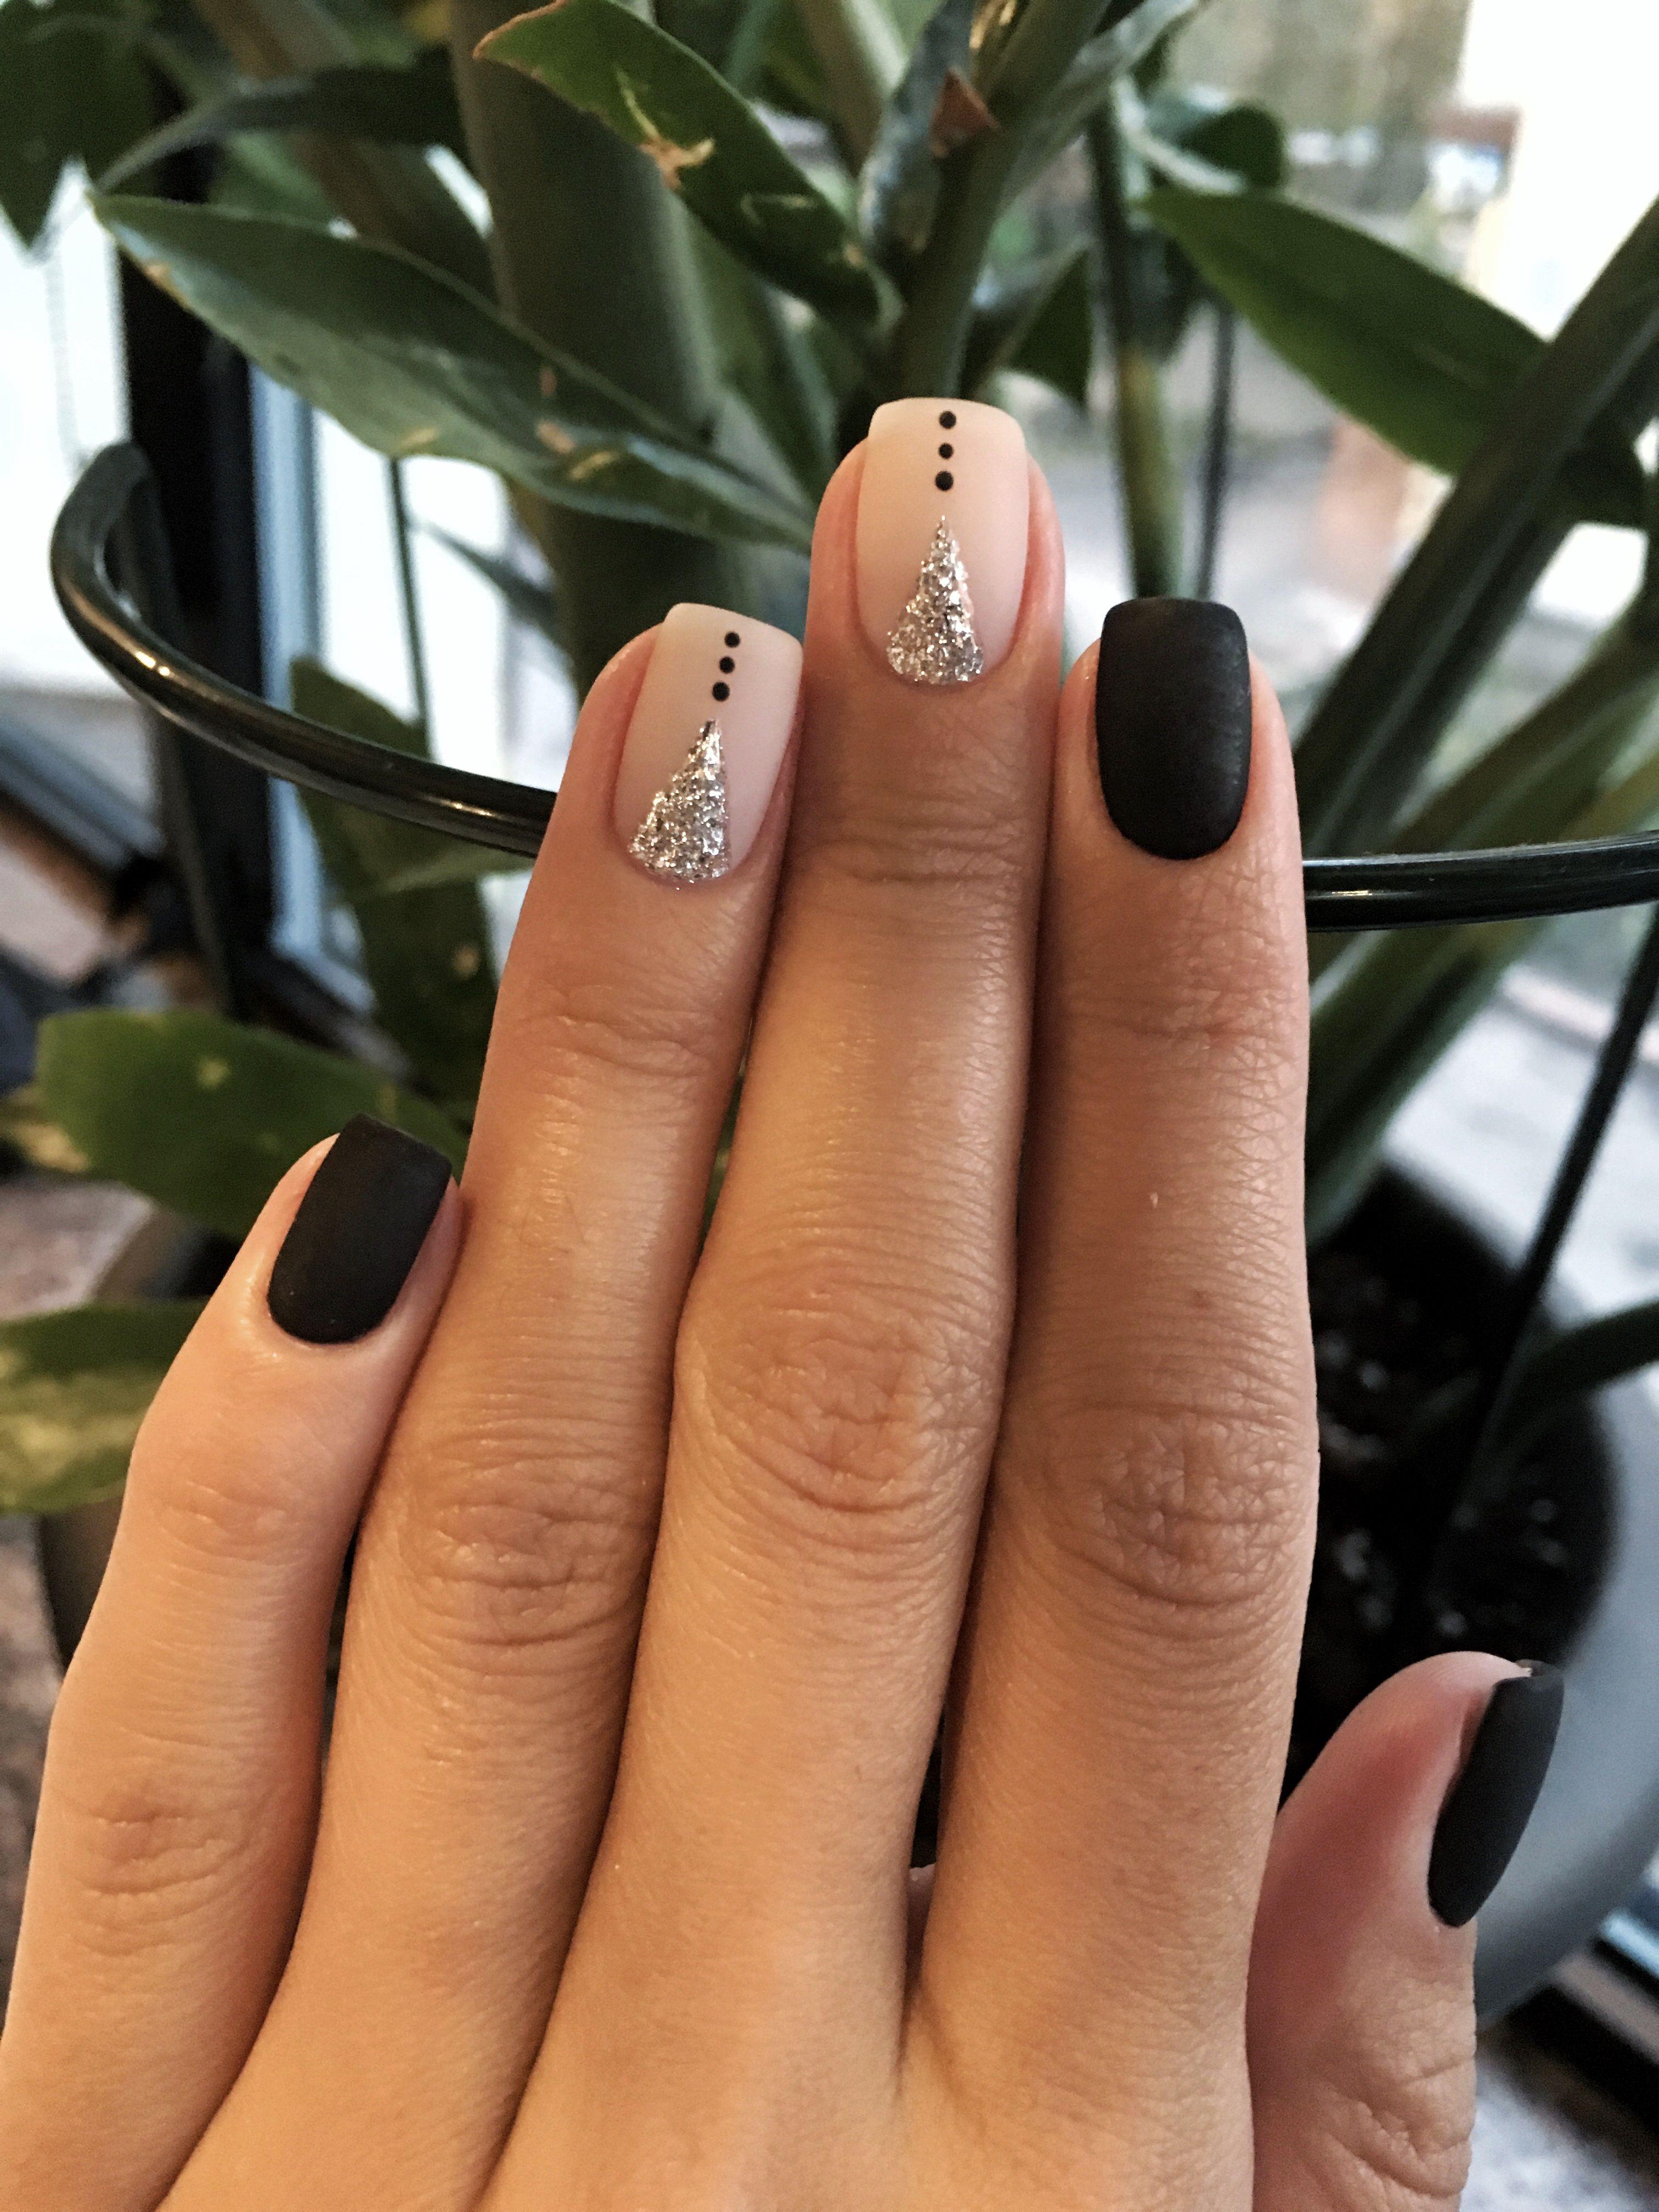 Pin Adăugat De Claudia Ch Pe Nails în 2019 Pinterest Uña